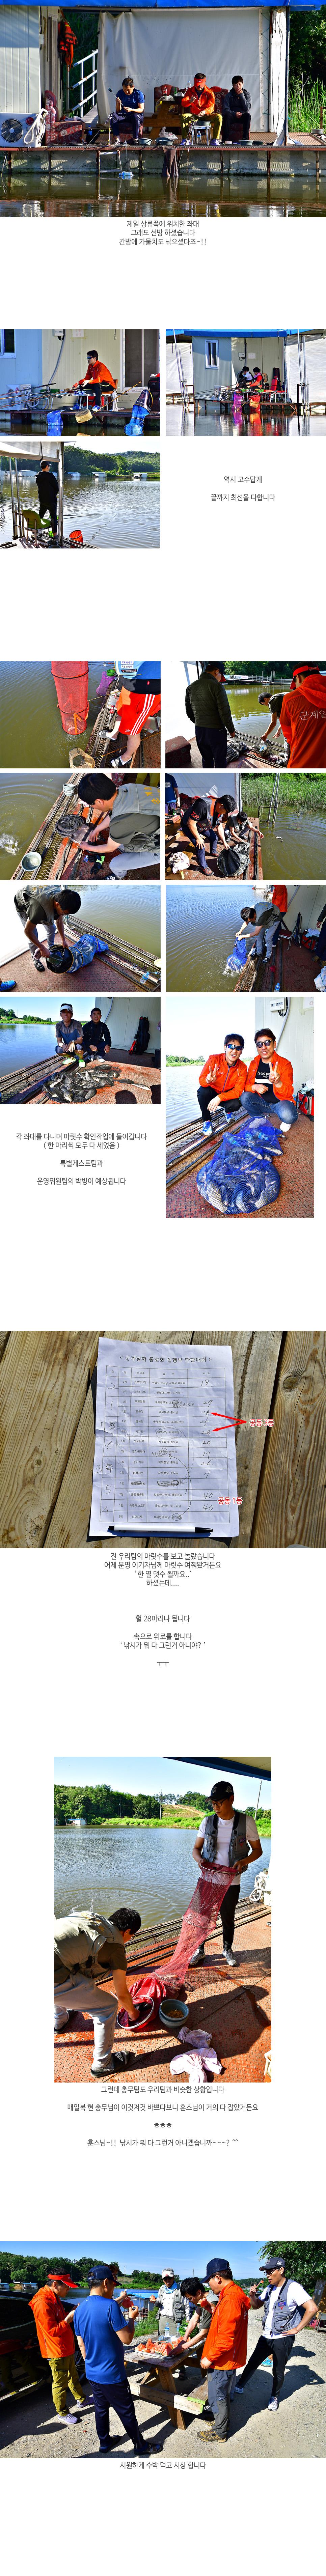 군계일학 동호회 집행부 단합대회 07.jpg